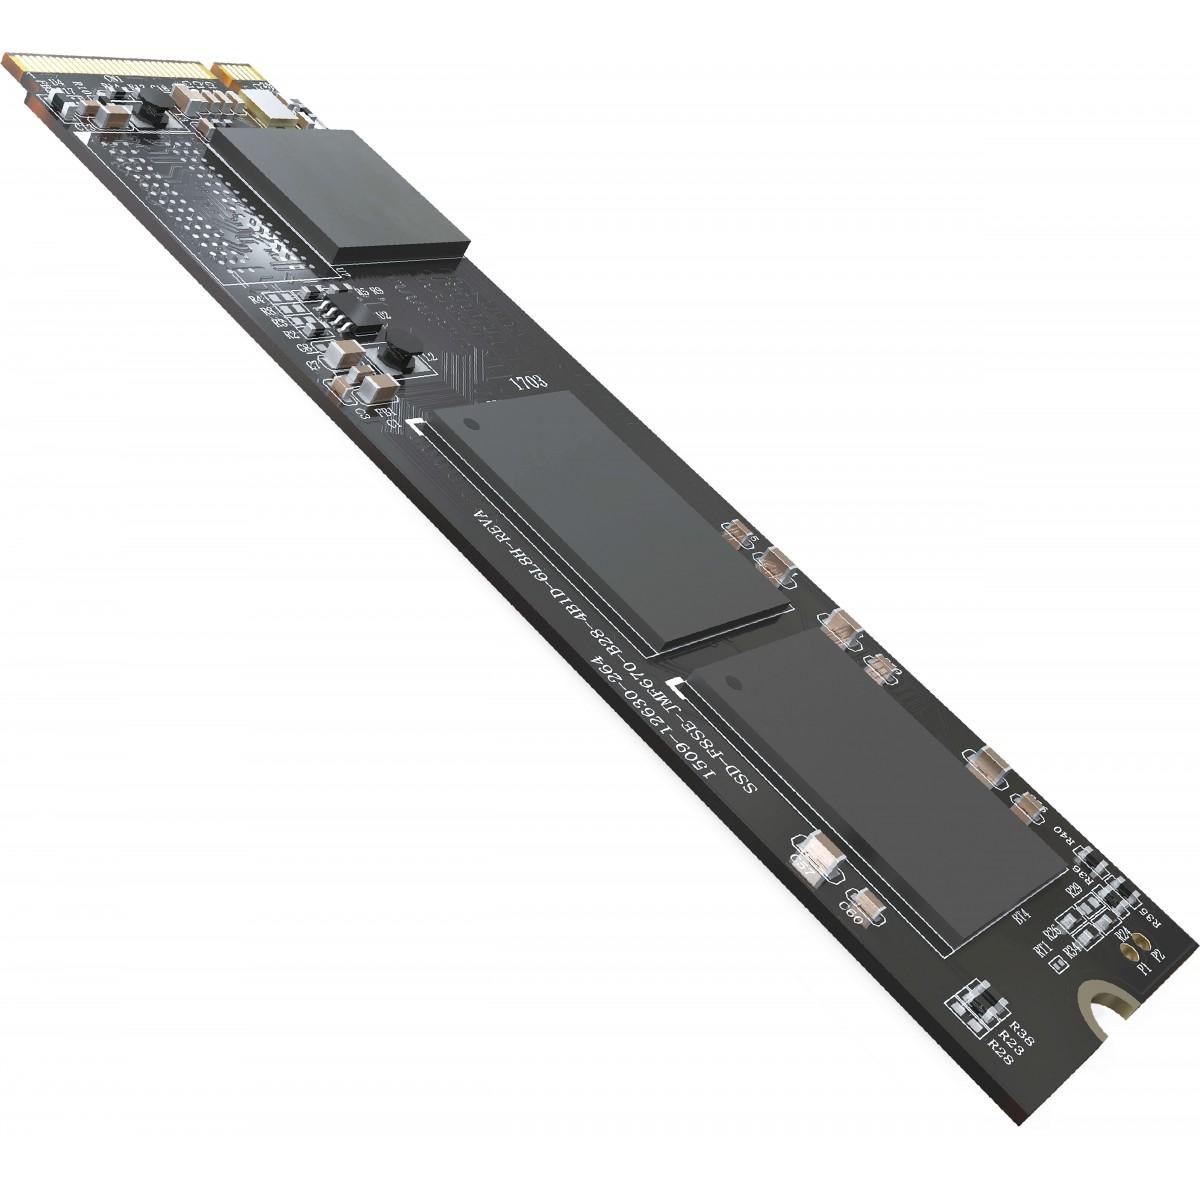 SSD Hikvision E1000, 128GB, Nvme, Leitura 980MBs e Gravação 620MBs, HS-SSD-E1000/128G